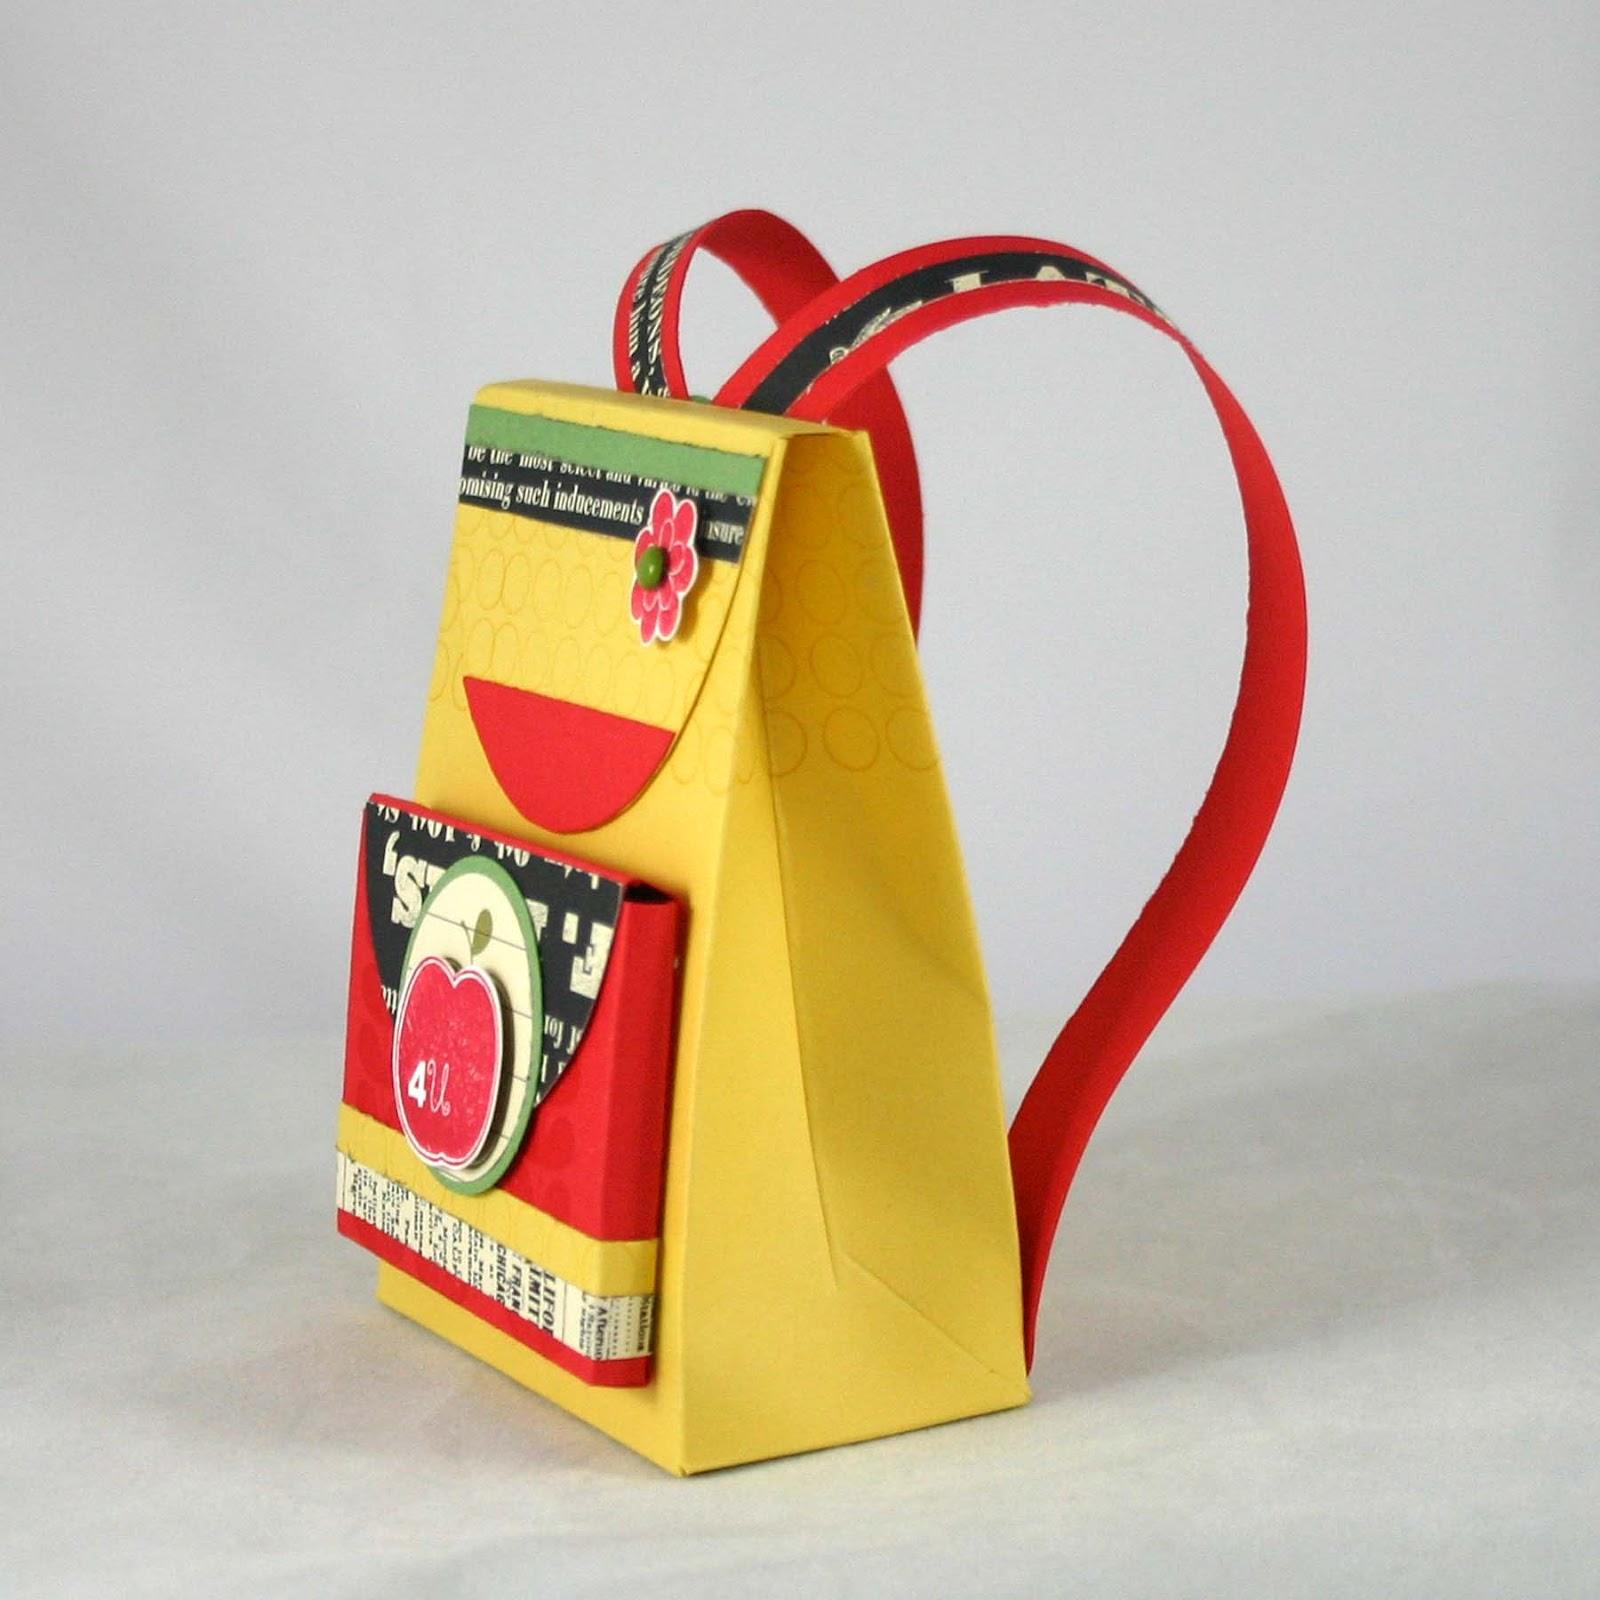 http://4.bp.blogspot.com/-sSuuFiTKvDg/UGJPQoFoIqI/AAAAAAAABSA/EhC1vUdQHpg/s1600/BTS+Contest+Entry+-Backpack+side1.jpg